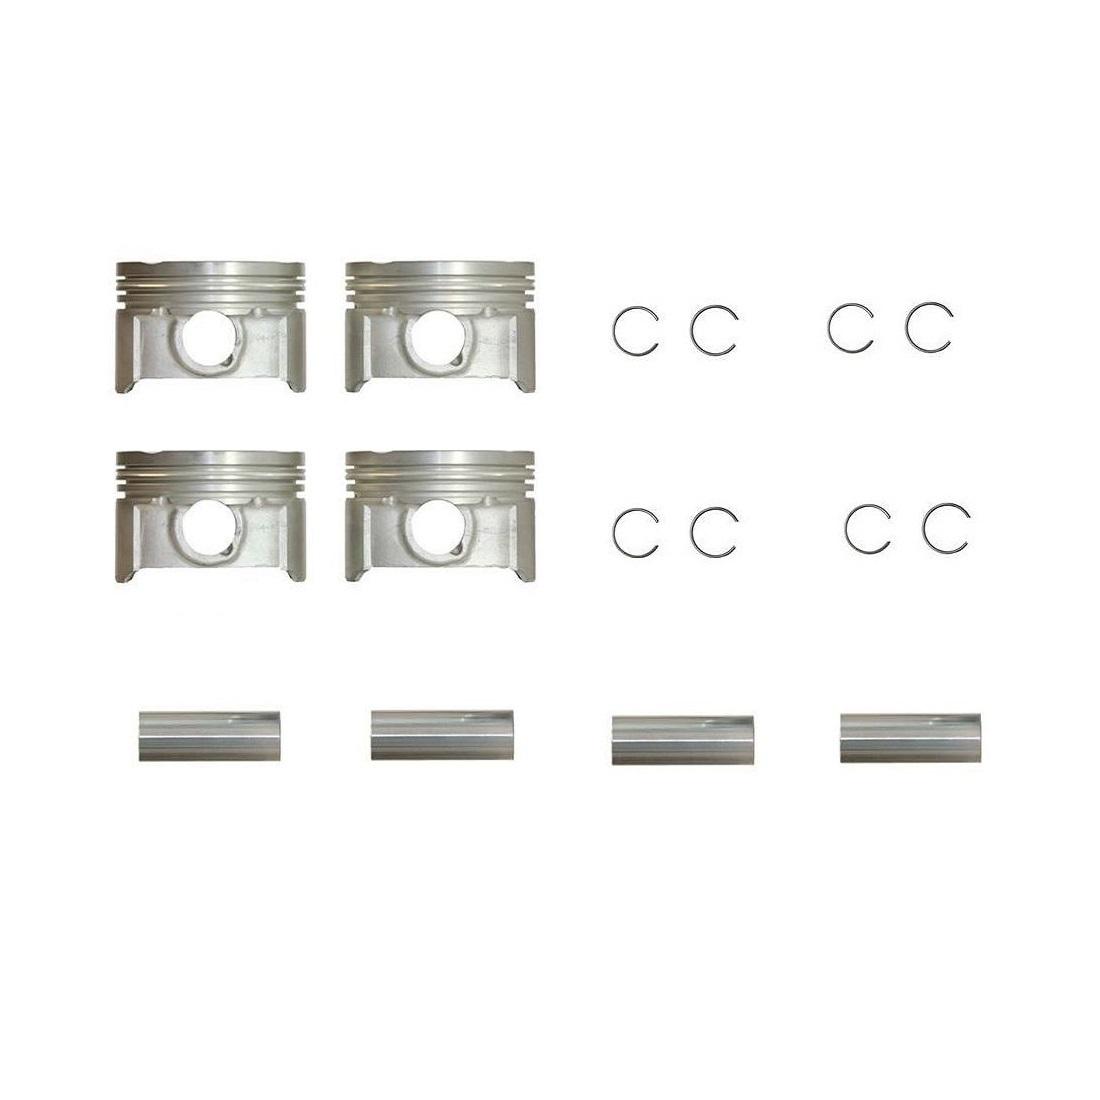 پیستون و گژن پین و خار کارتک مدل STD مناسب برای سمند EF7